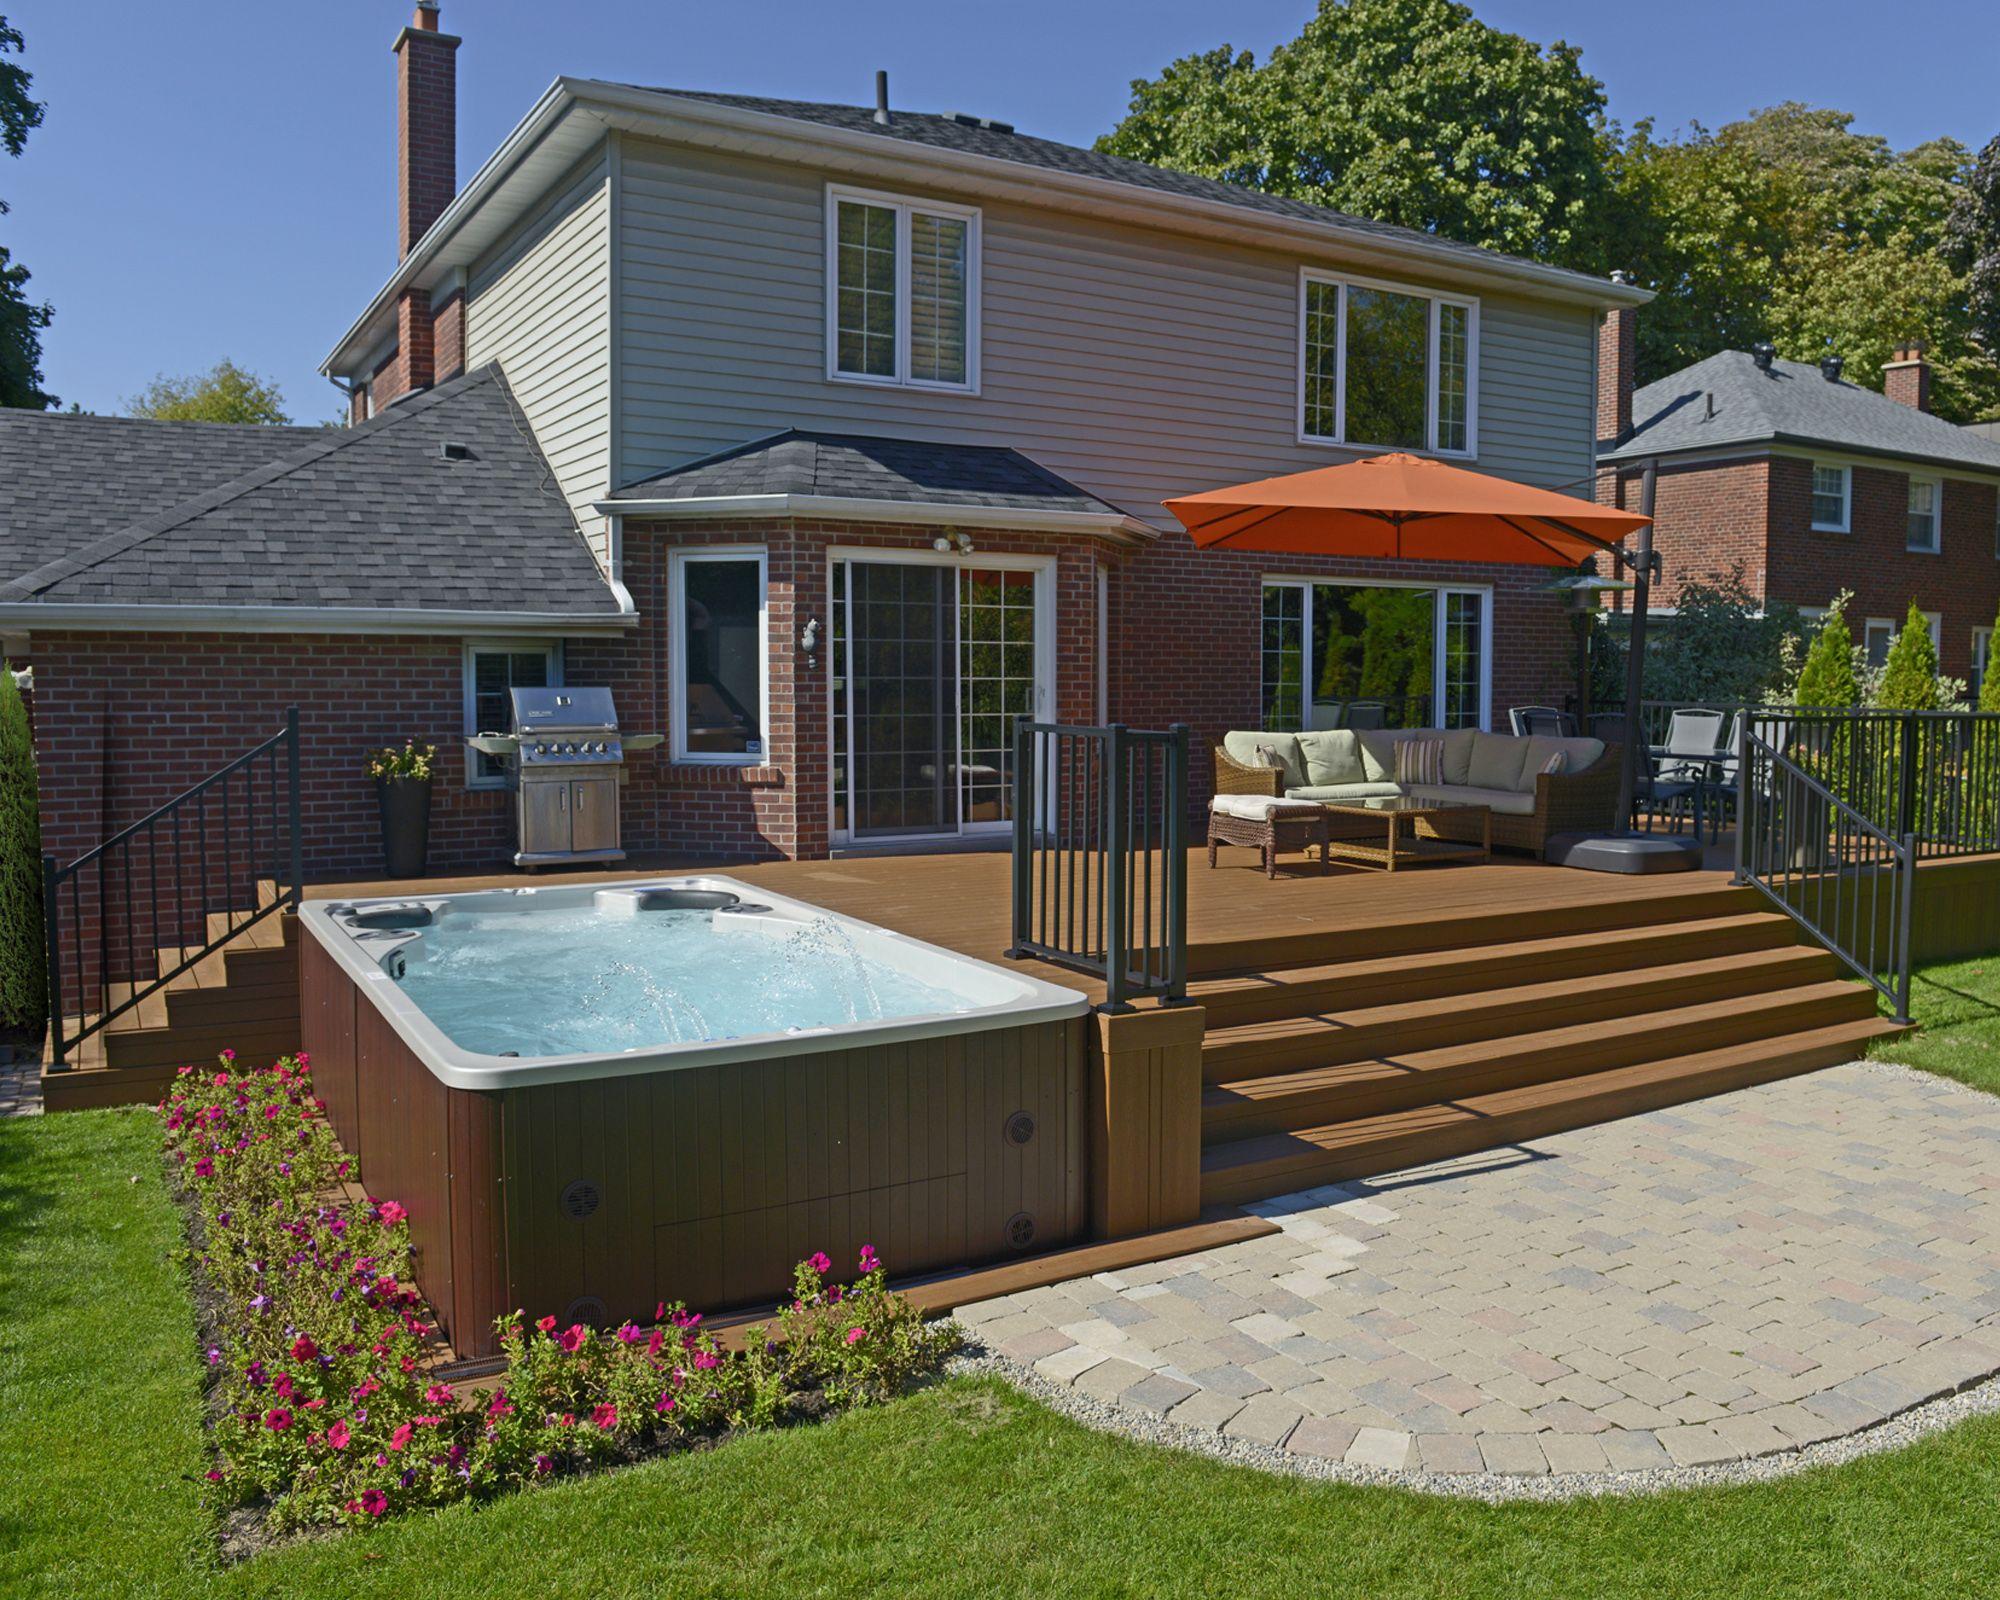 Hot Tubs Vs Swim Spas Hot Tub Backyard Hot Tub Patio Hot Tub